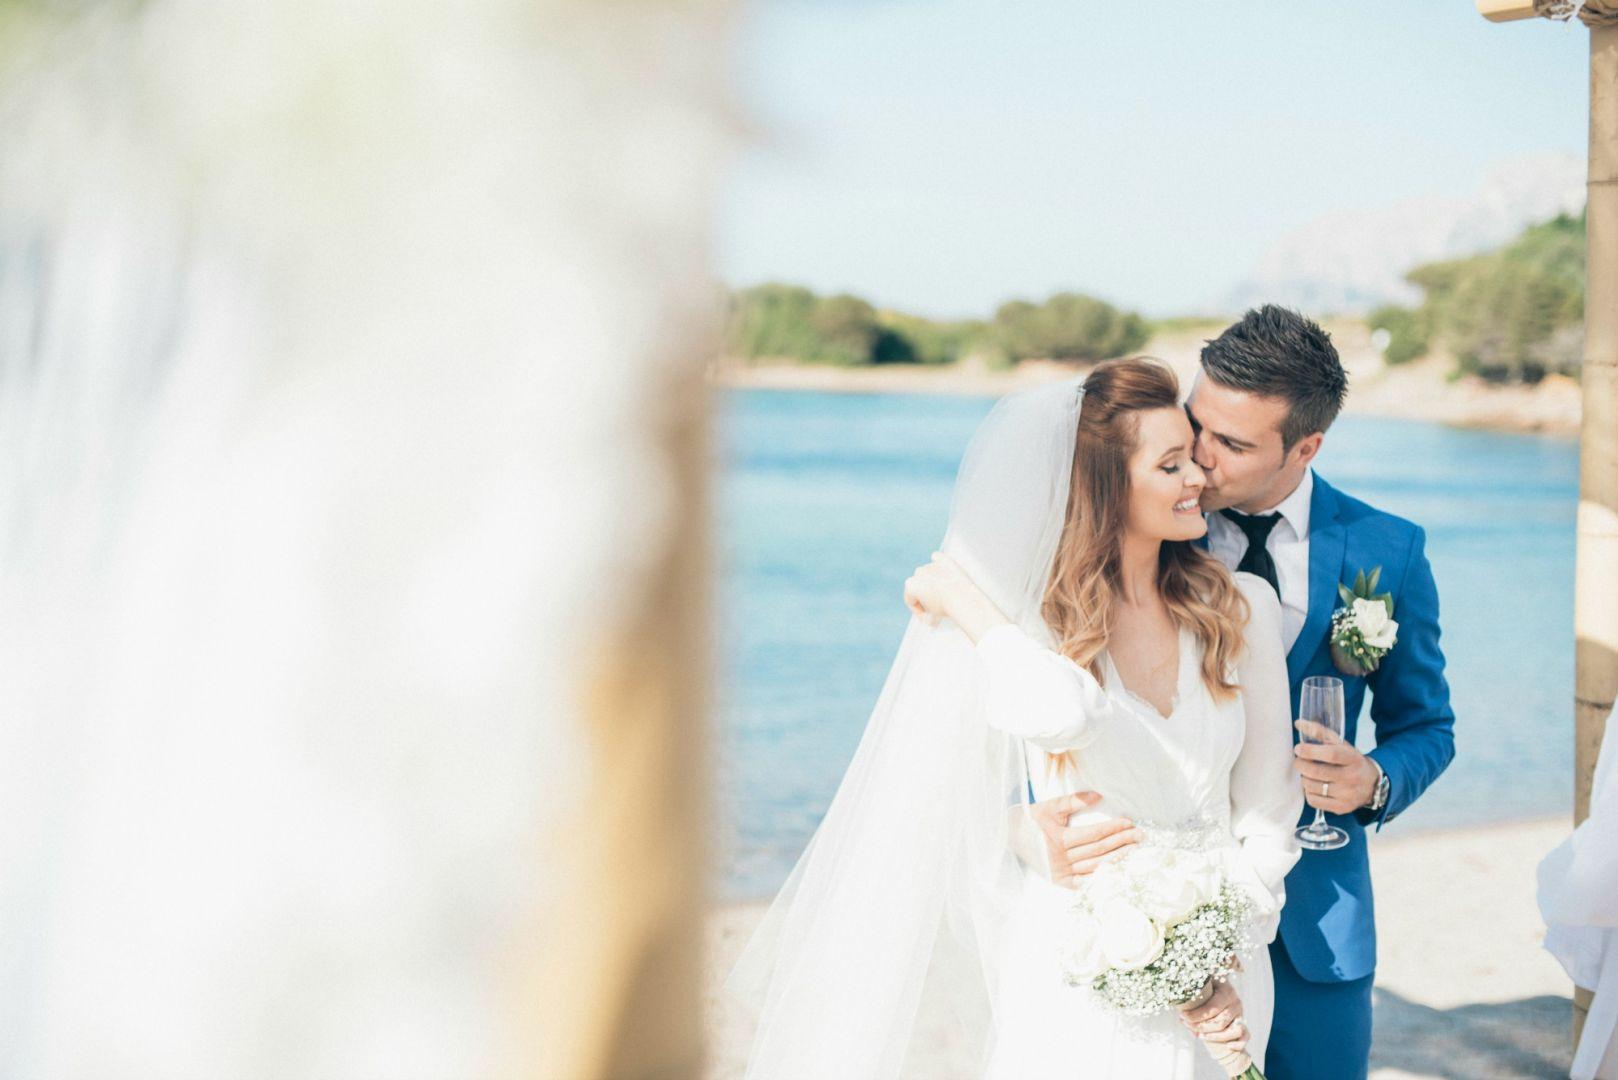 cristina-si-ovidiu-nunta